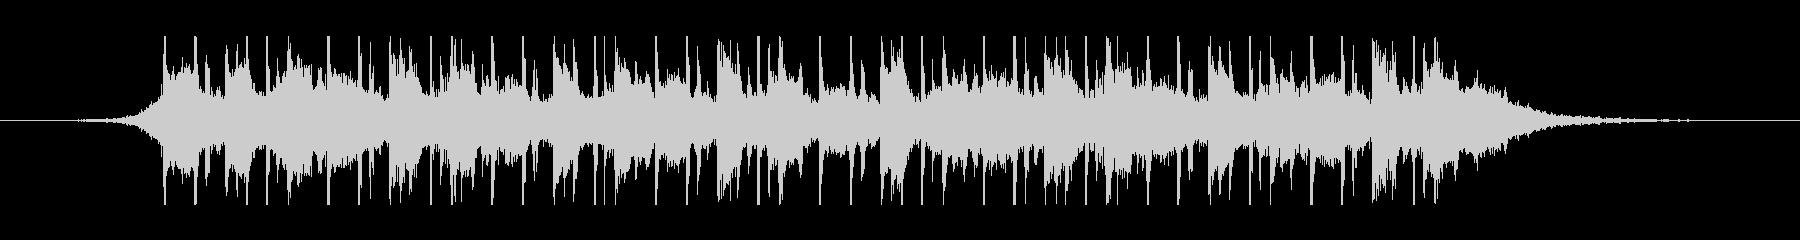 中東のラマダン(30秒)の未再生の波形